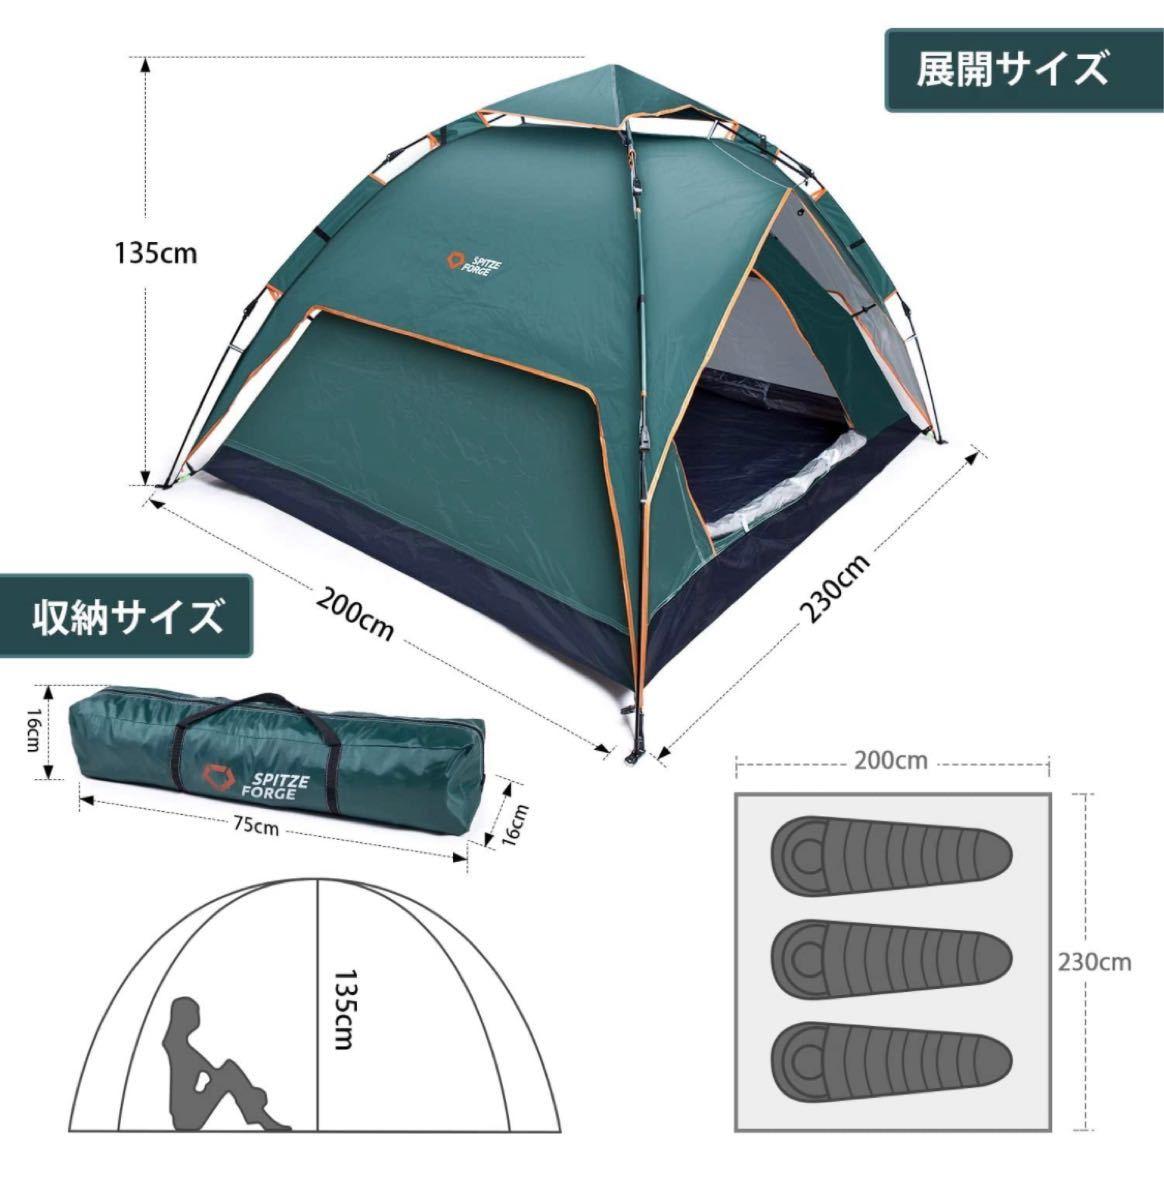 ワンタッチテント 2-3人用 2重層 キャンプ テント ワンタッチ 防水 軽量 キャンプテント アウトドア用品 防風 撥水加工